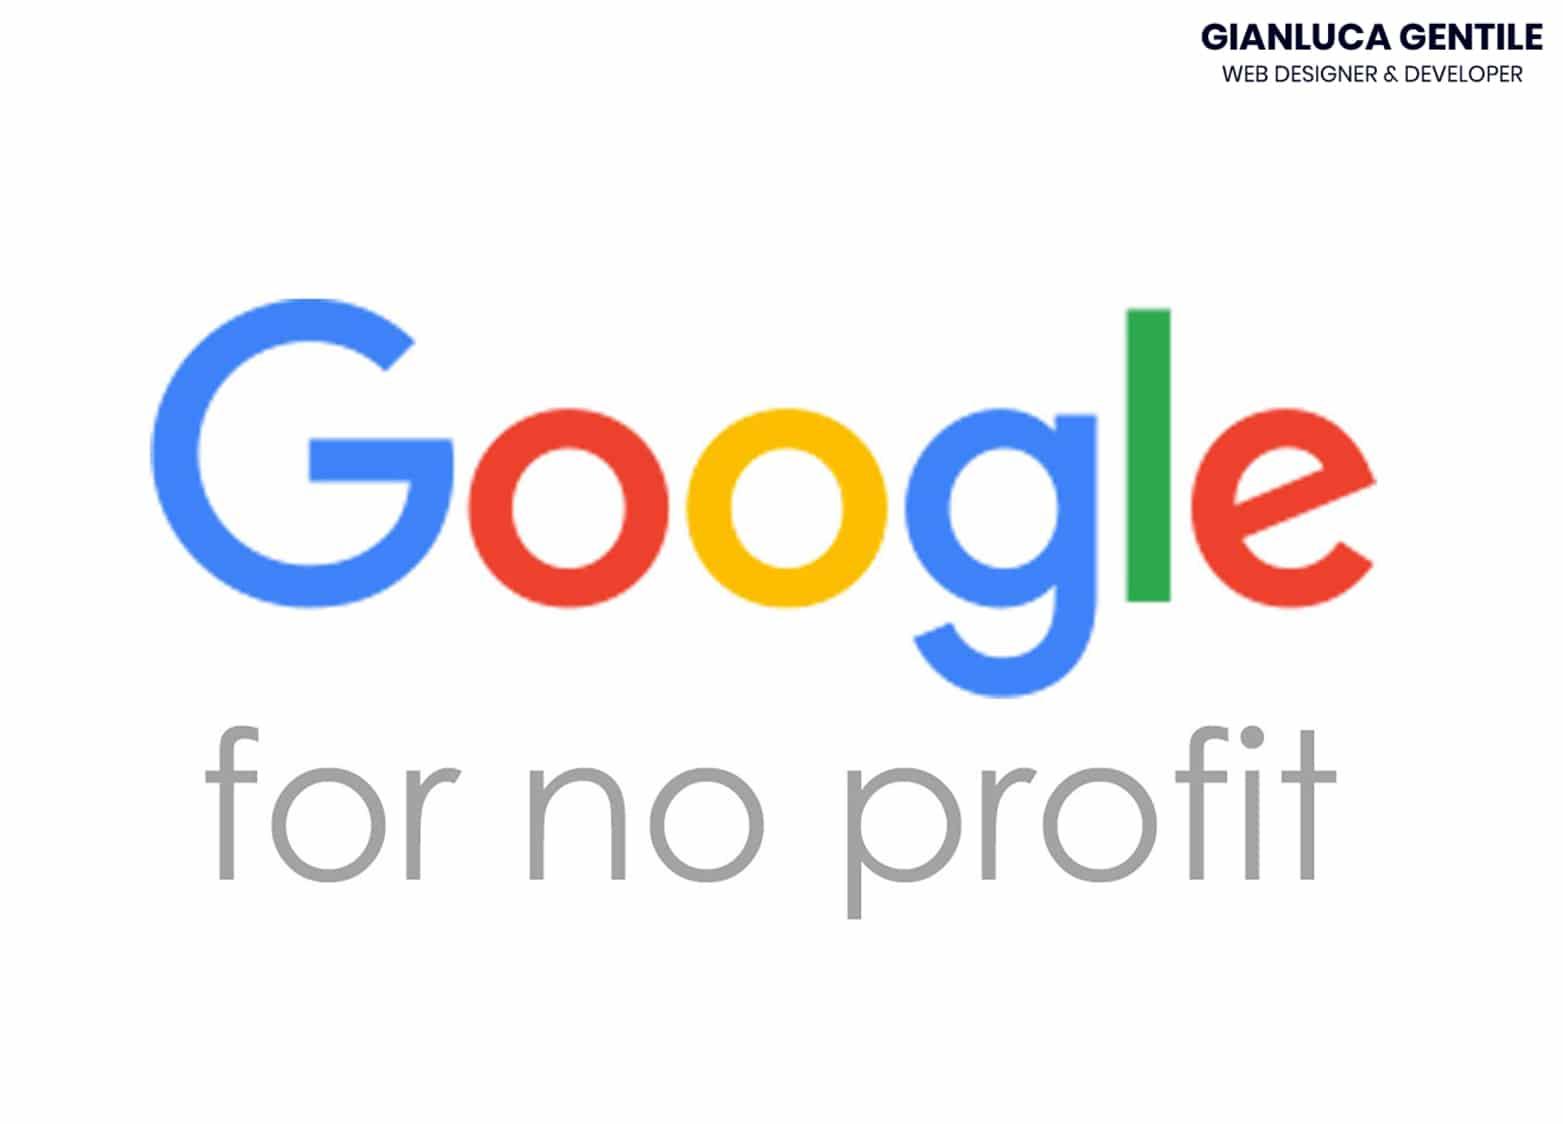 google per il non profit - Google per il non profit quali sono i vantaggi - Google per il non profit servizi gratuiti